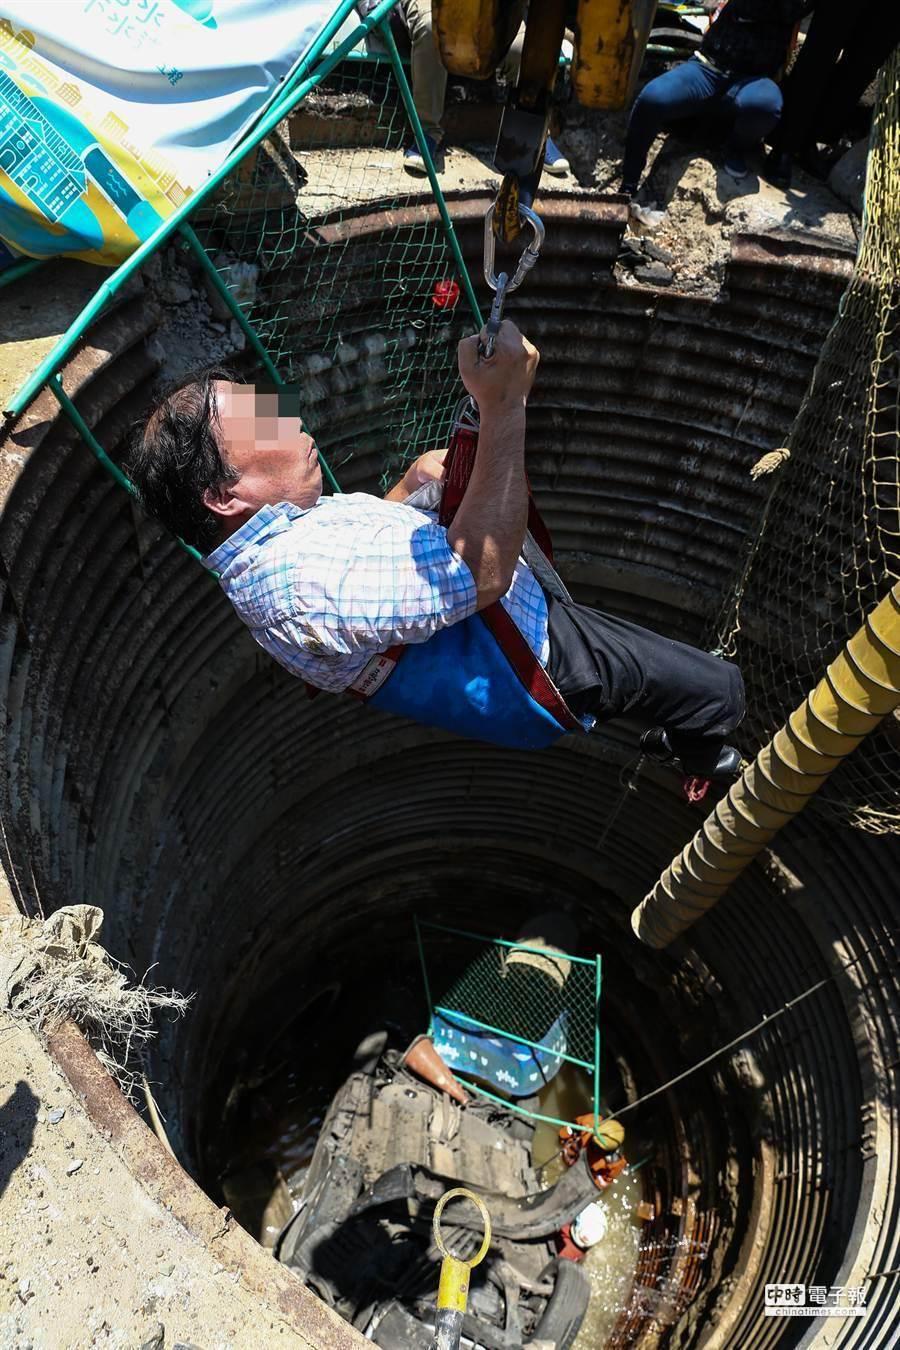 黃男從地下水道涵洞被救出,幸運僅受輕傷。(徐養齡攝)